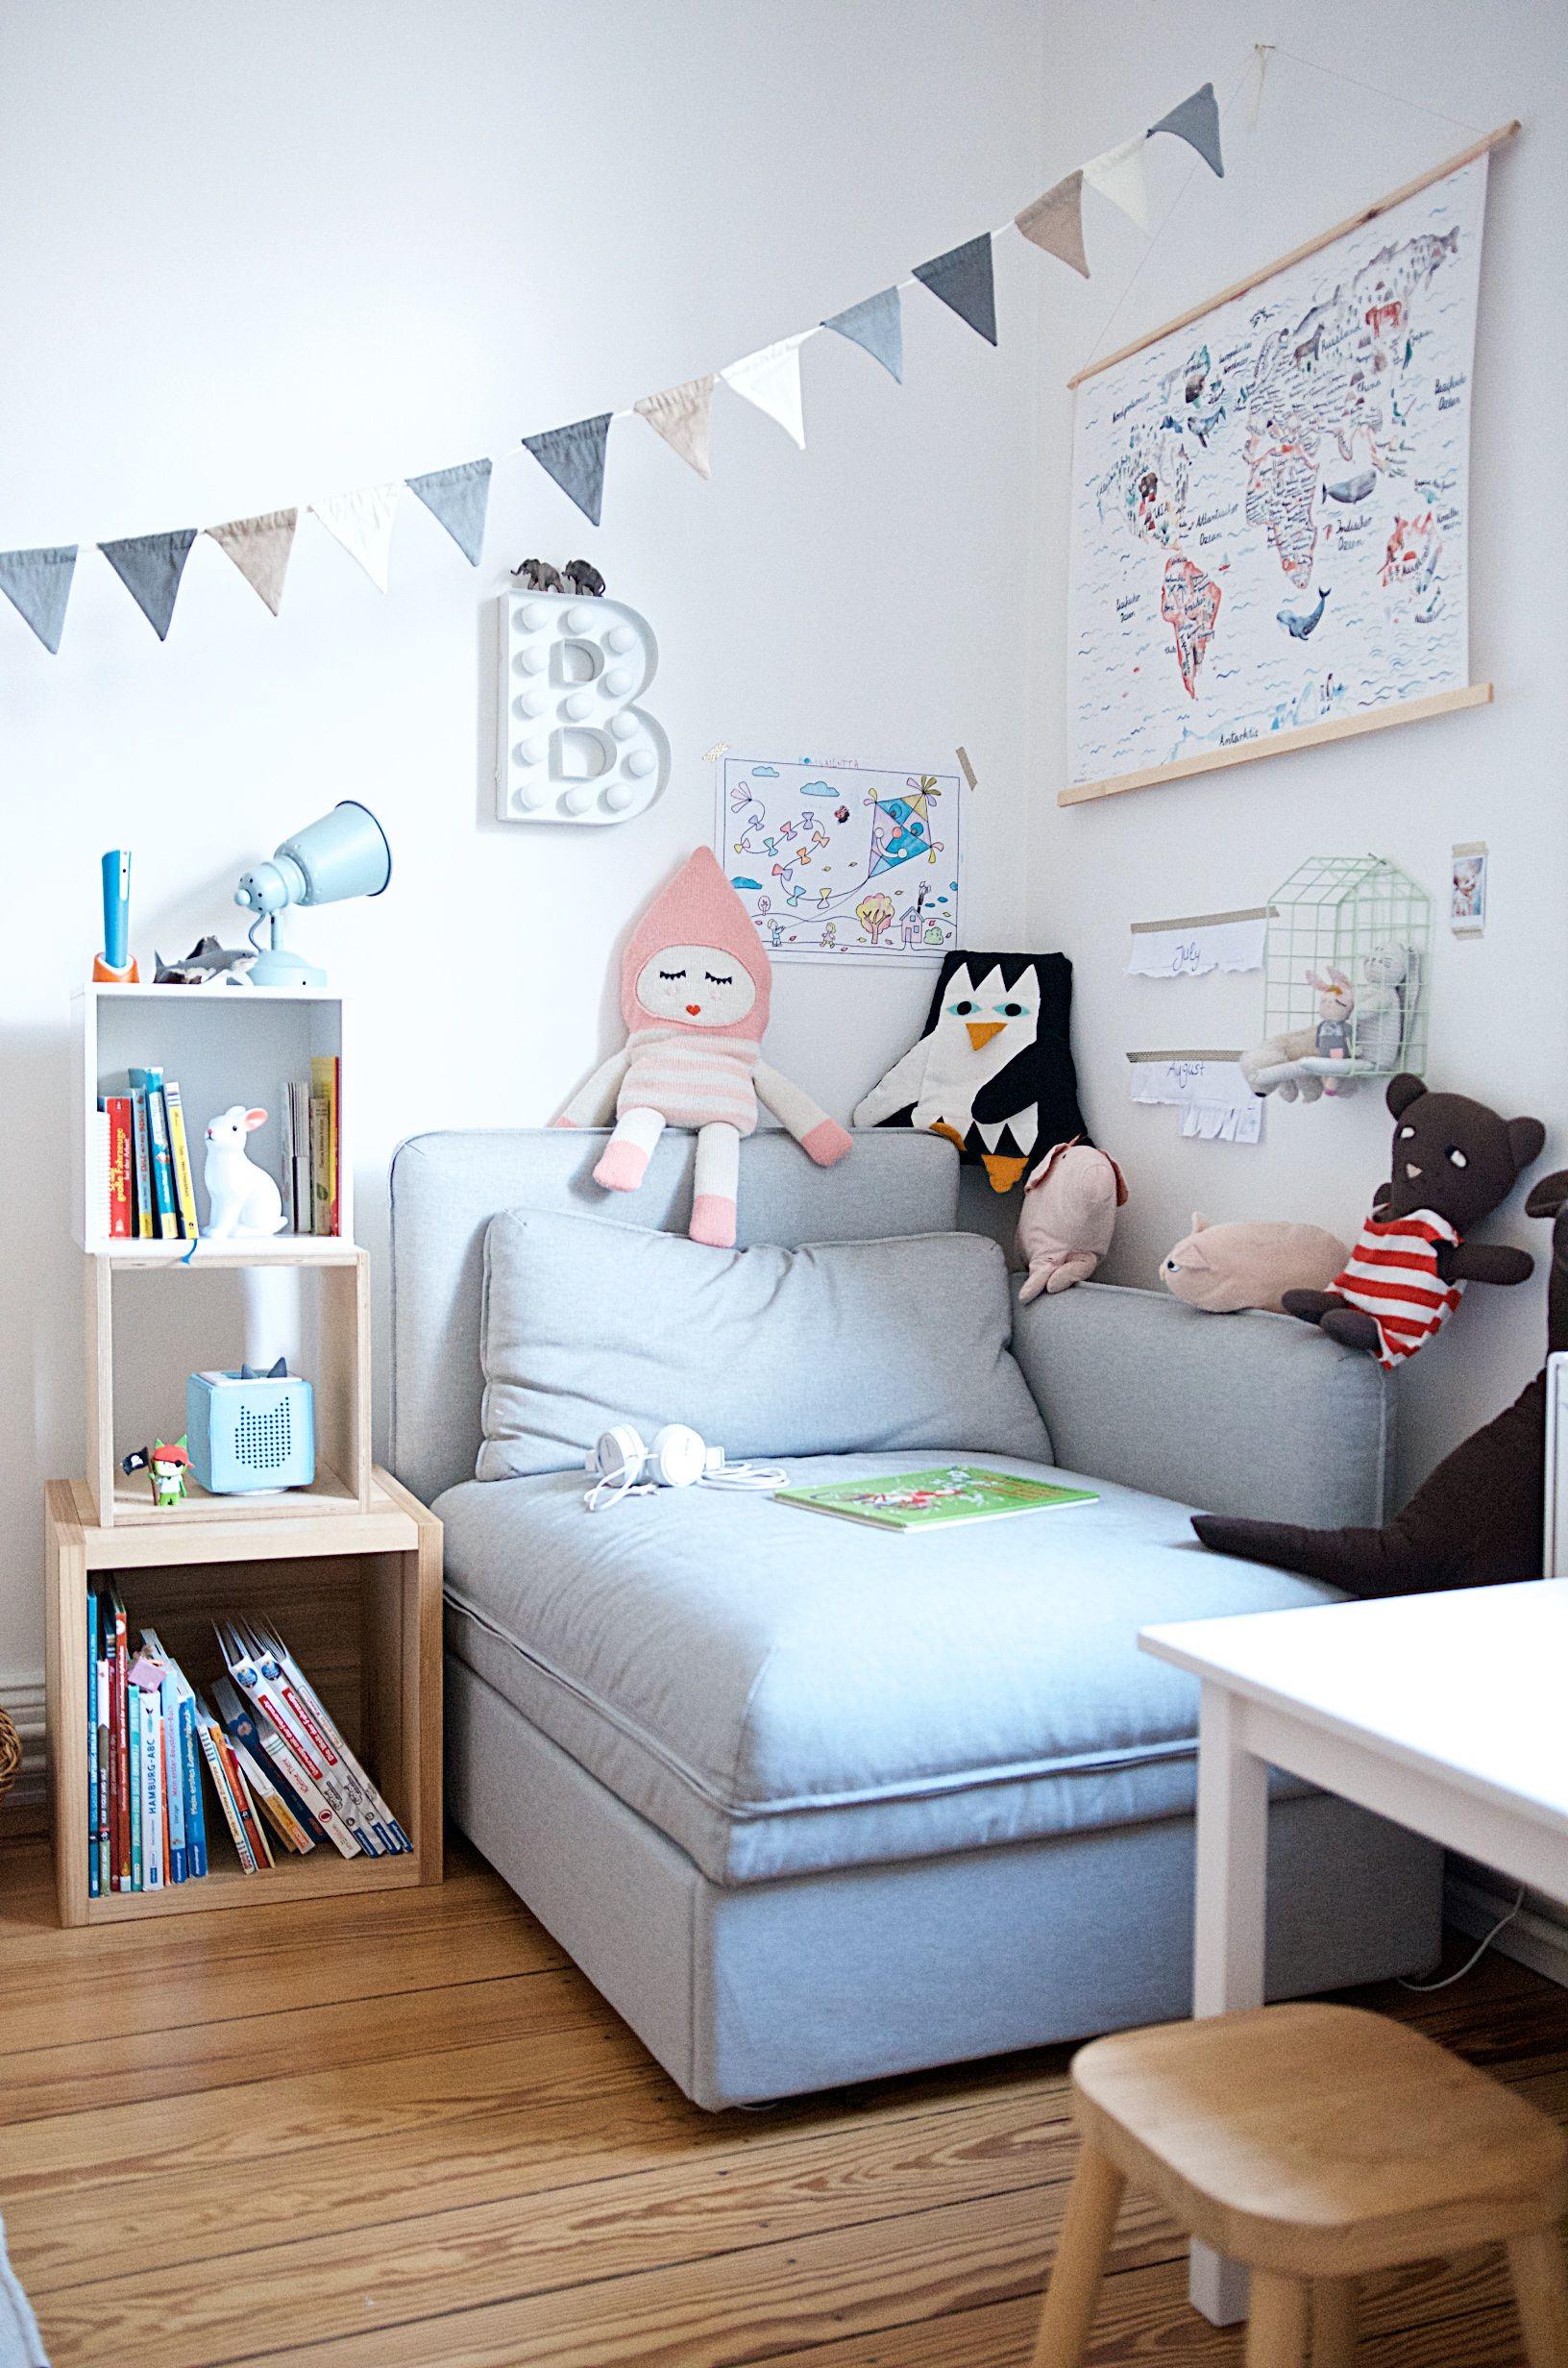 Inspirierend Ikea Raumteiler Vorhang Schema